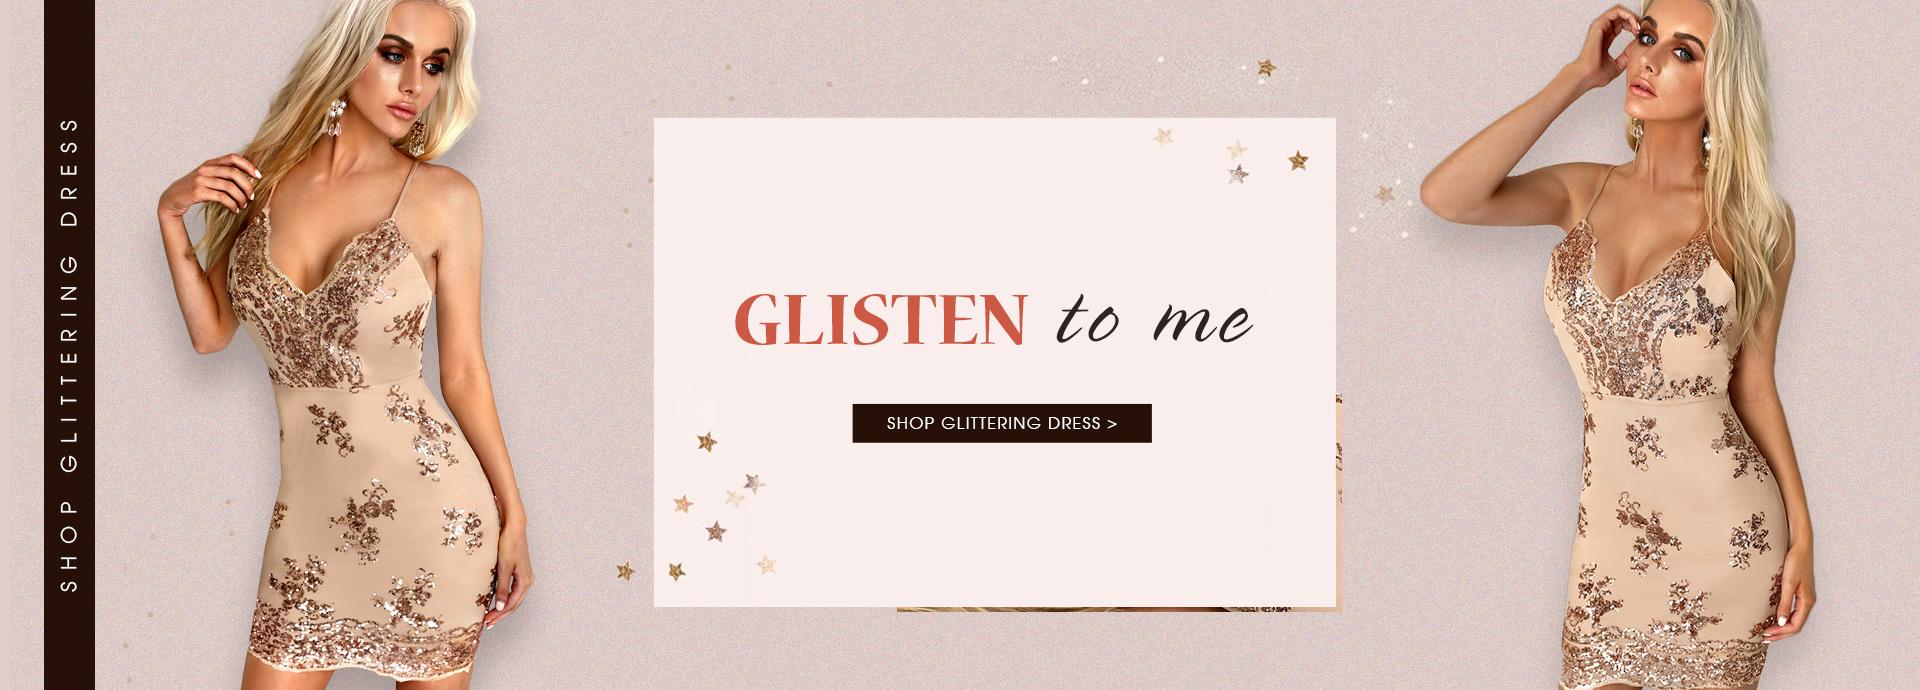 Glisten To Me